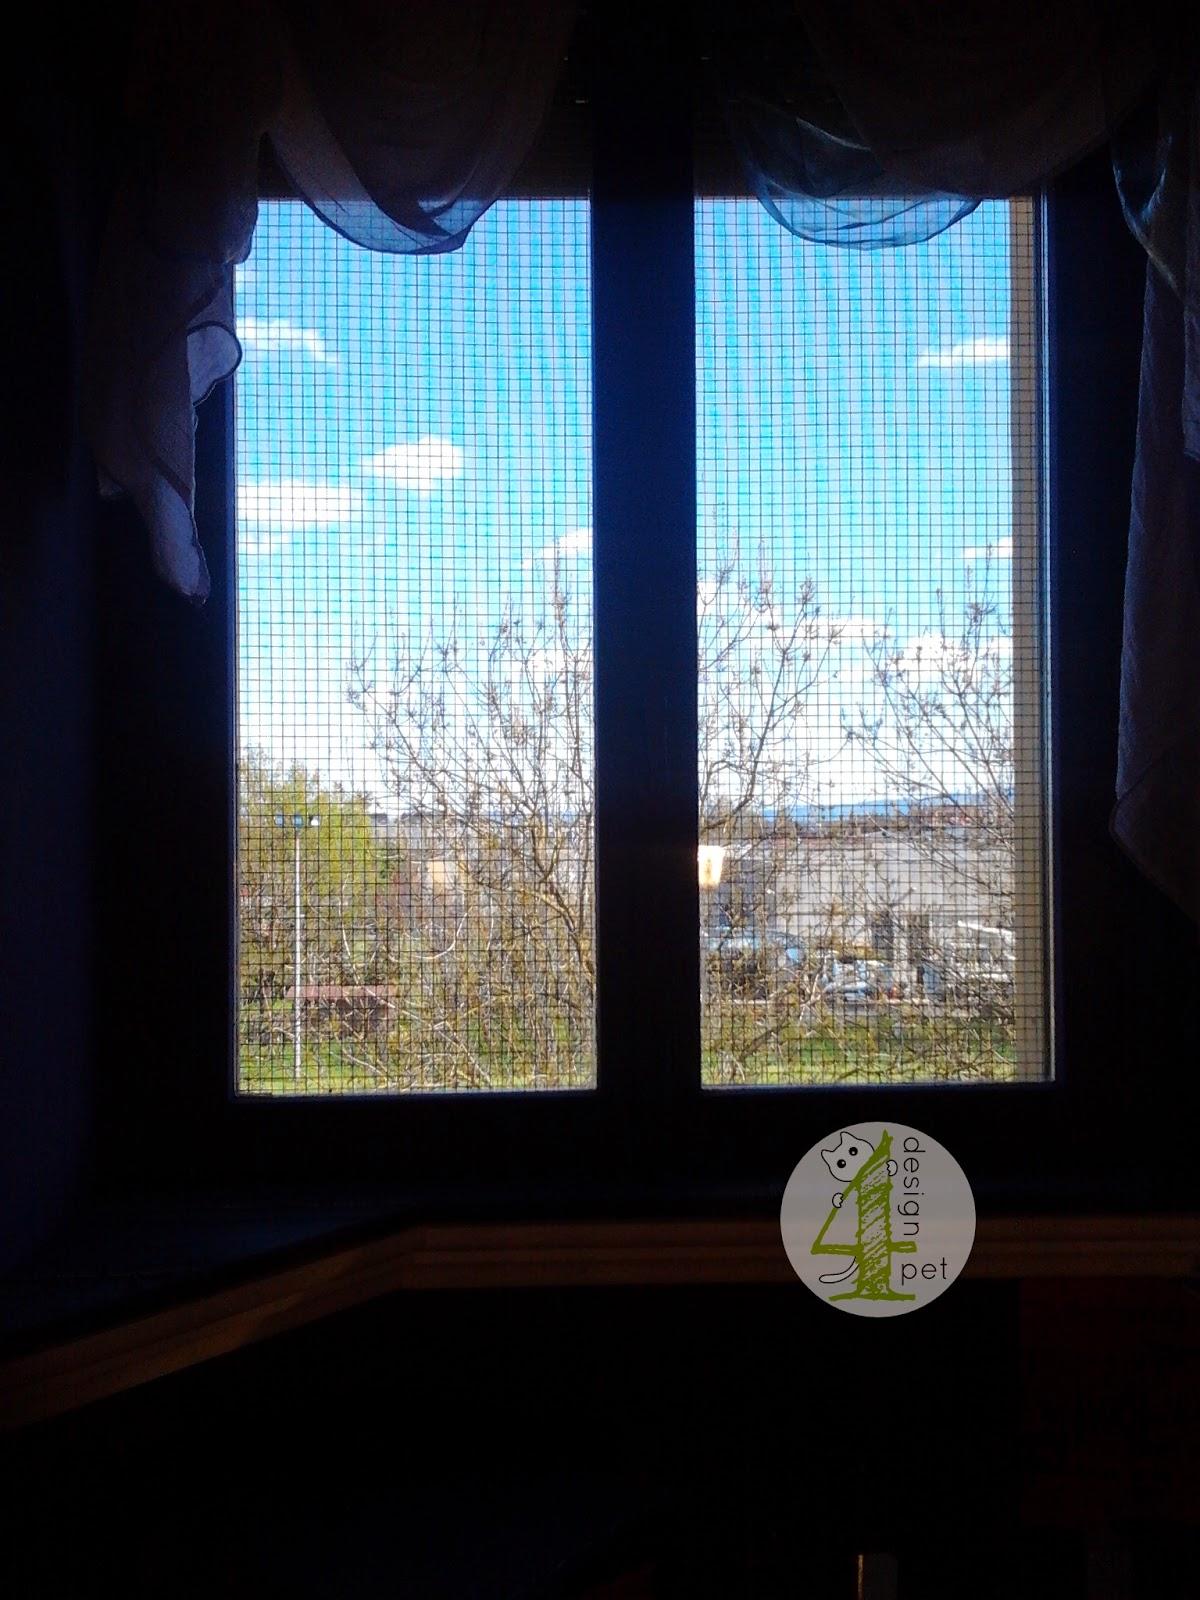 Gatti e design finestre in sicurezza - Sicurezza finestre ...